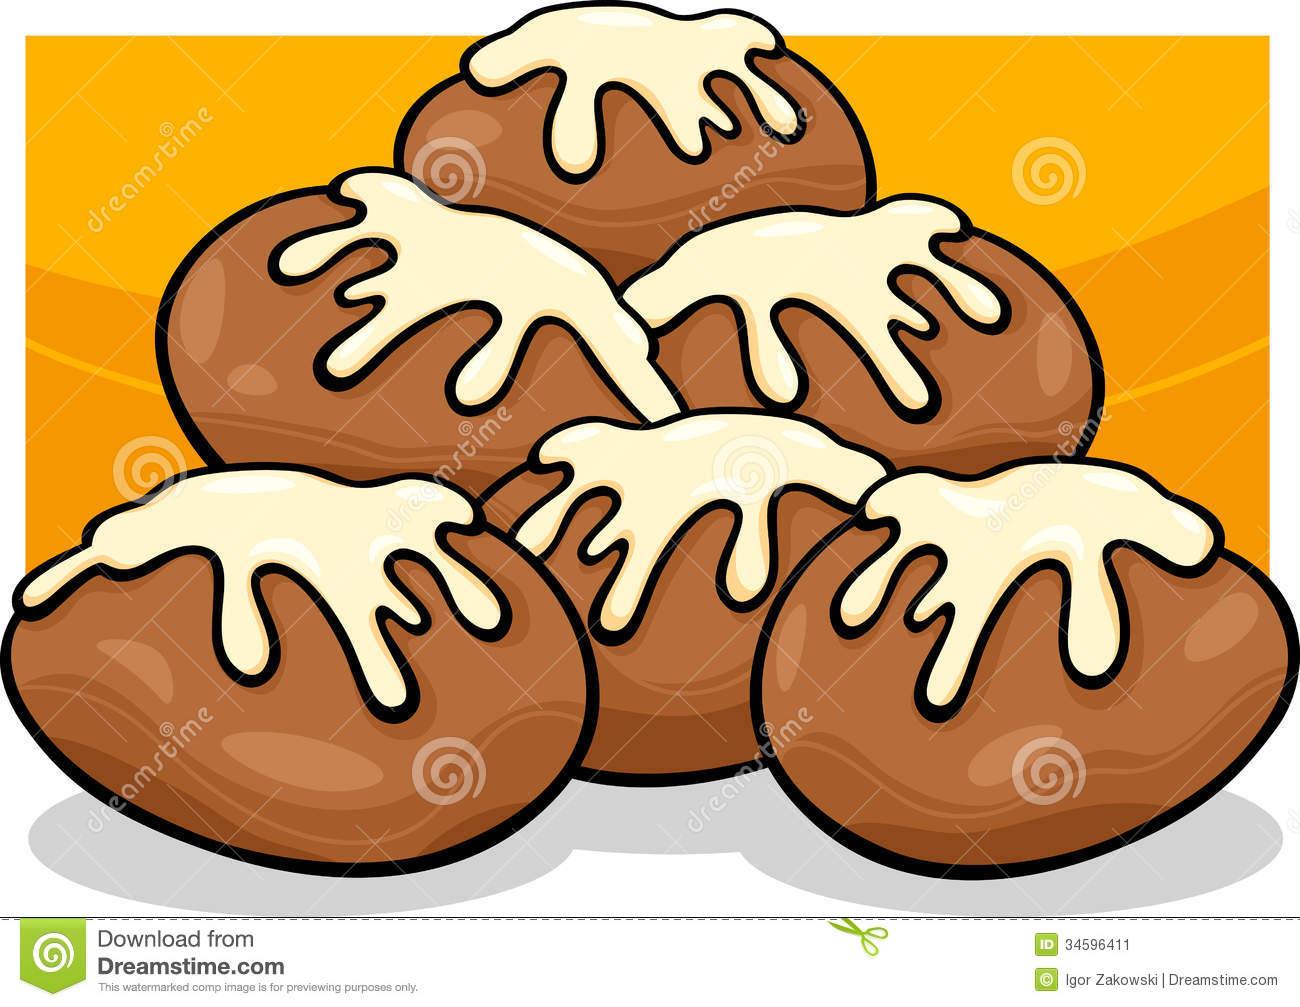 Donuts Clip Art Cartoon Illustration Stock Image.